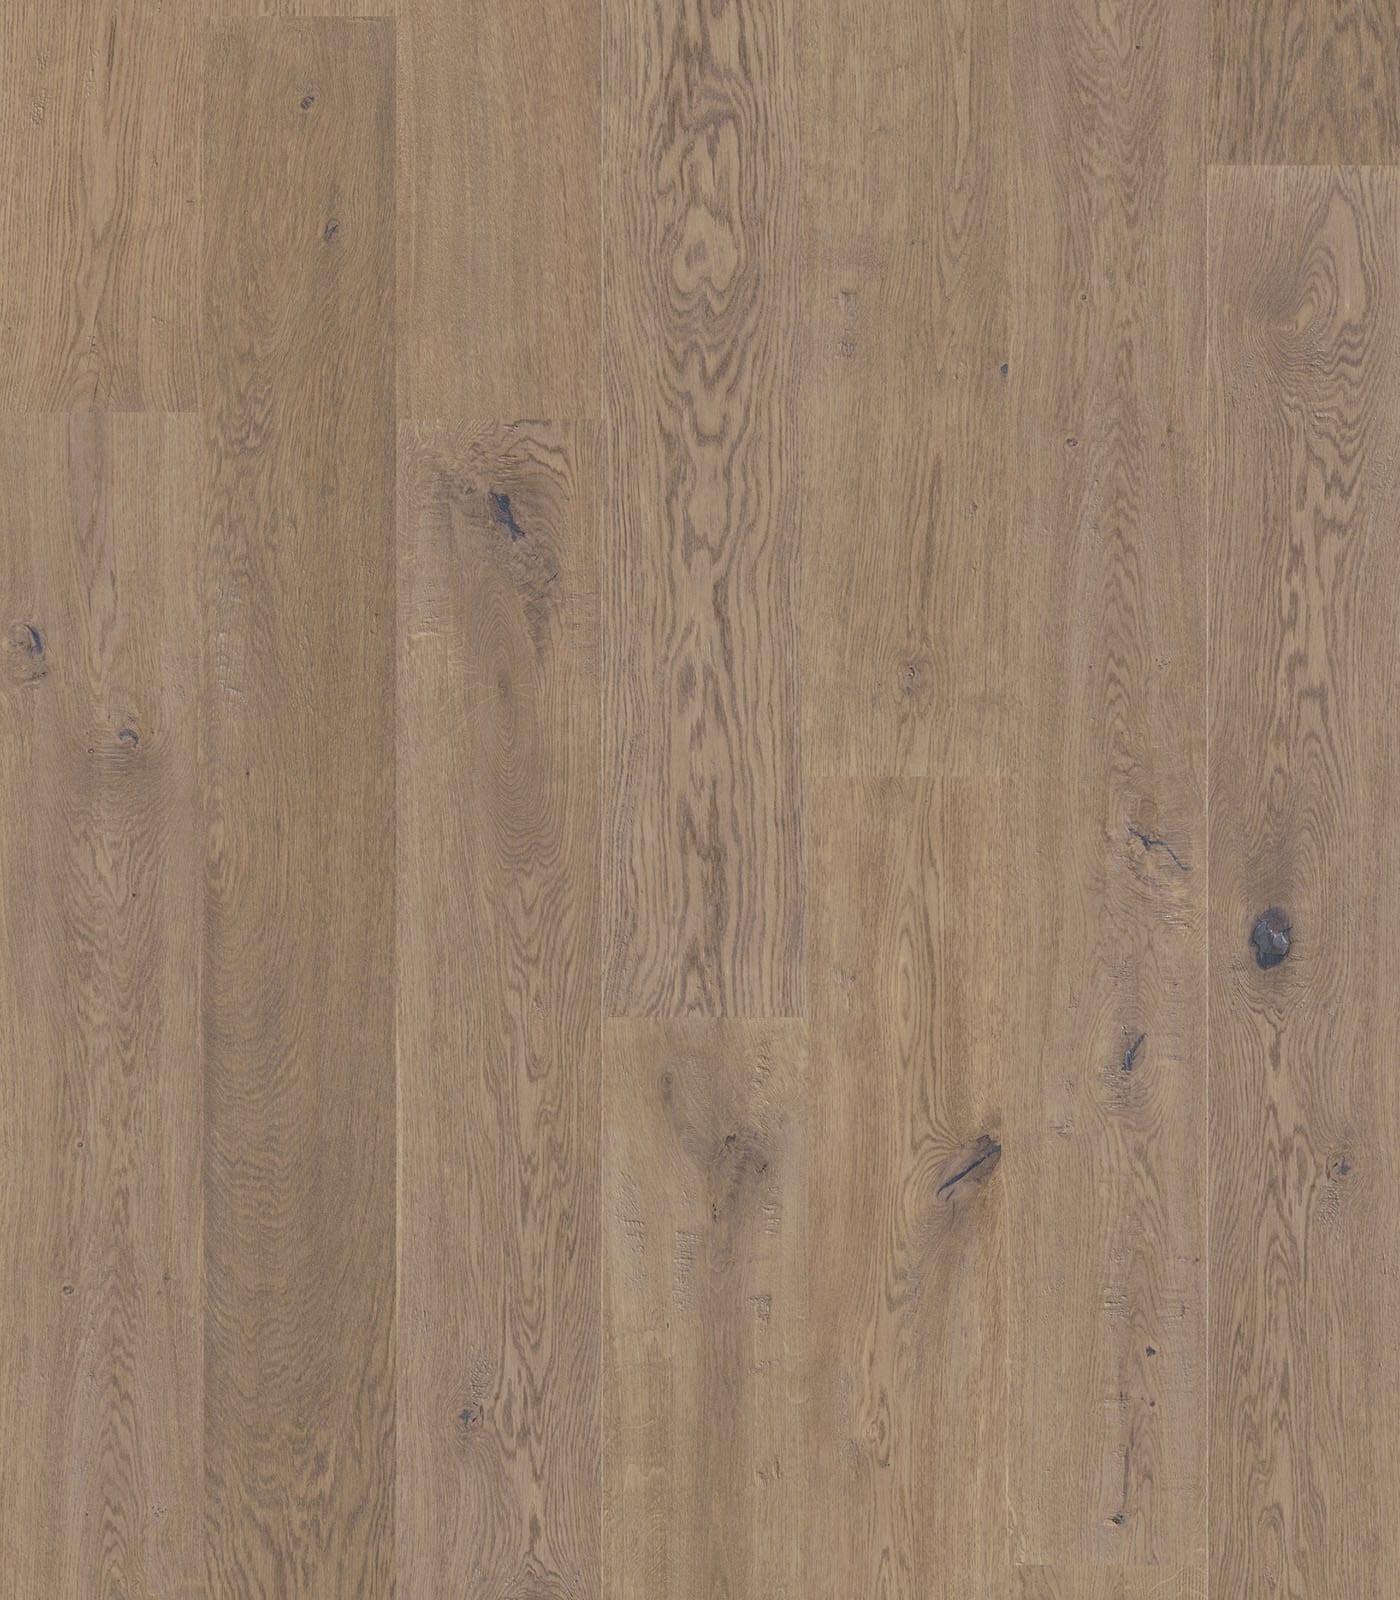 Rossel-engineered European Oak flooring